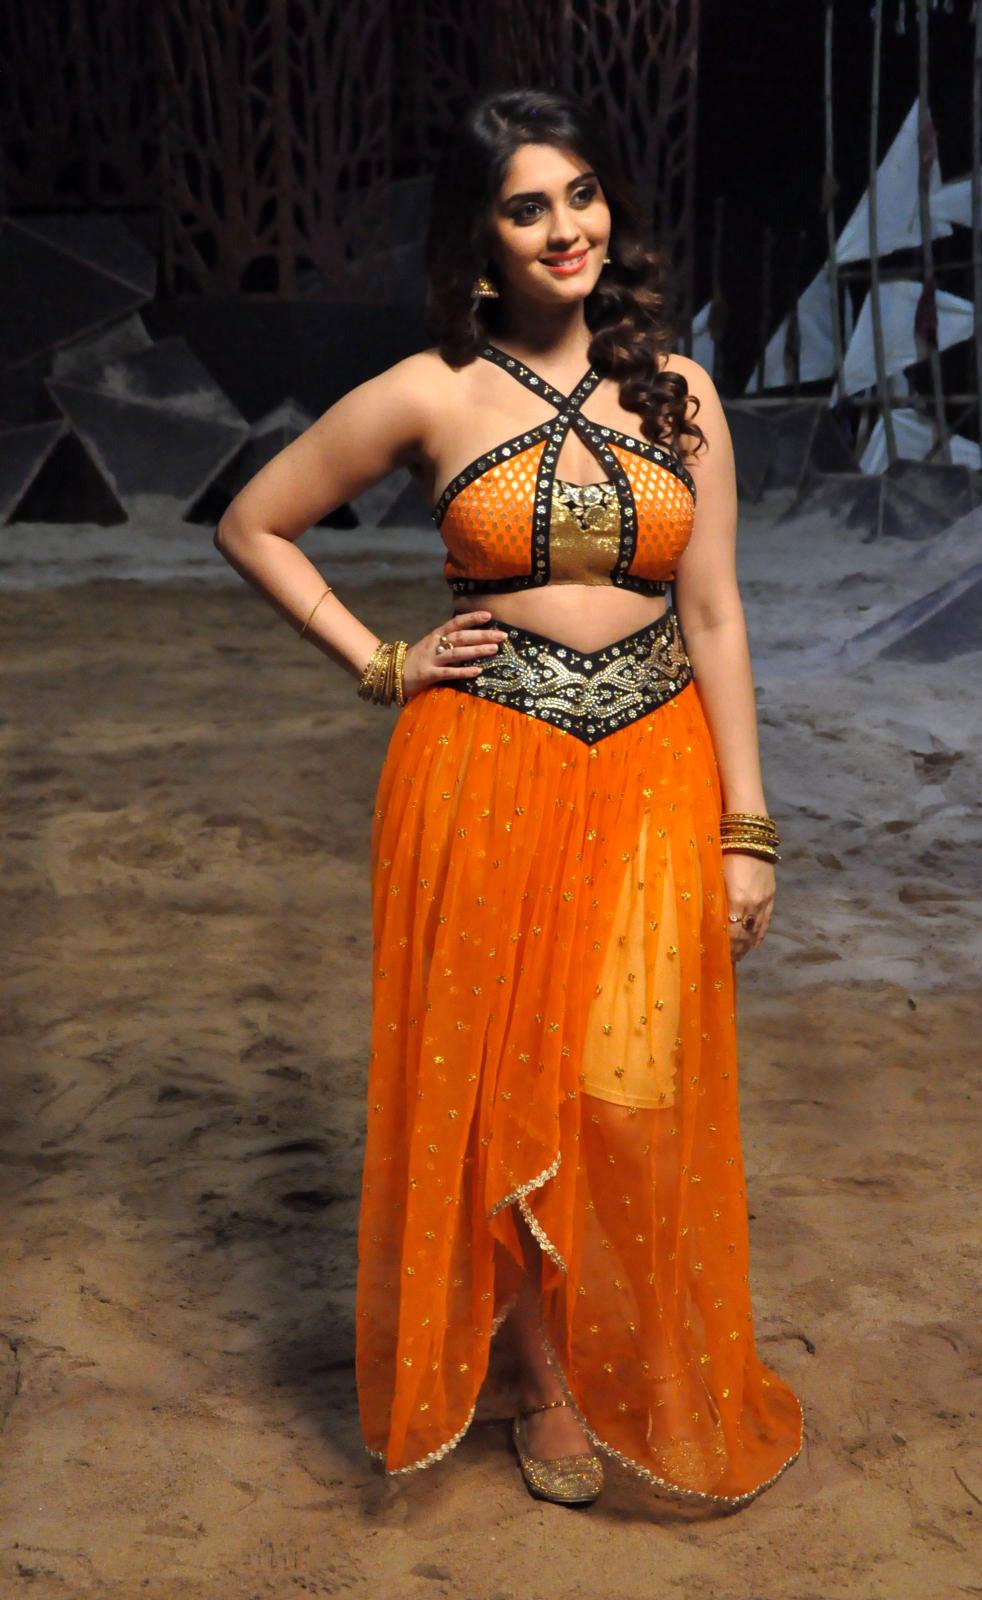 surbhi new latest hd photos | okka kshanam movie heroine surbhi